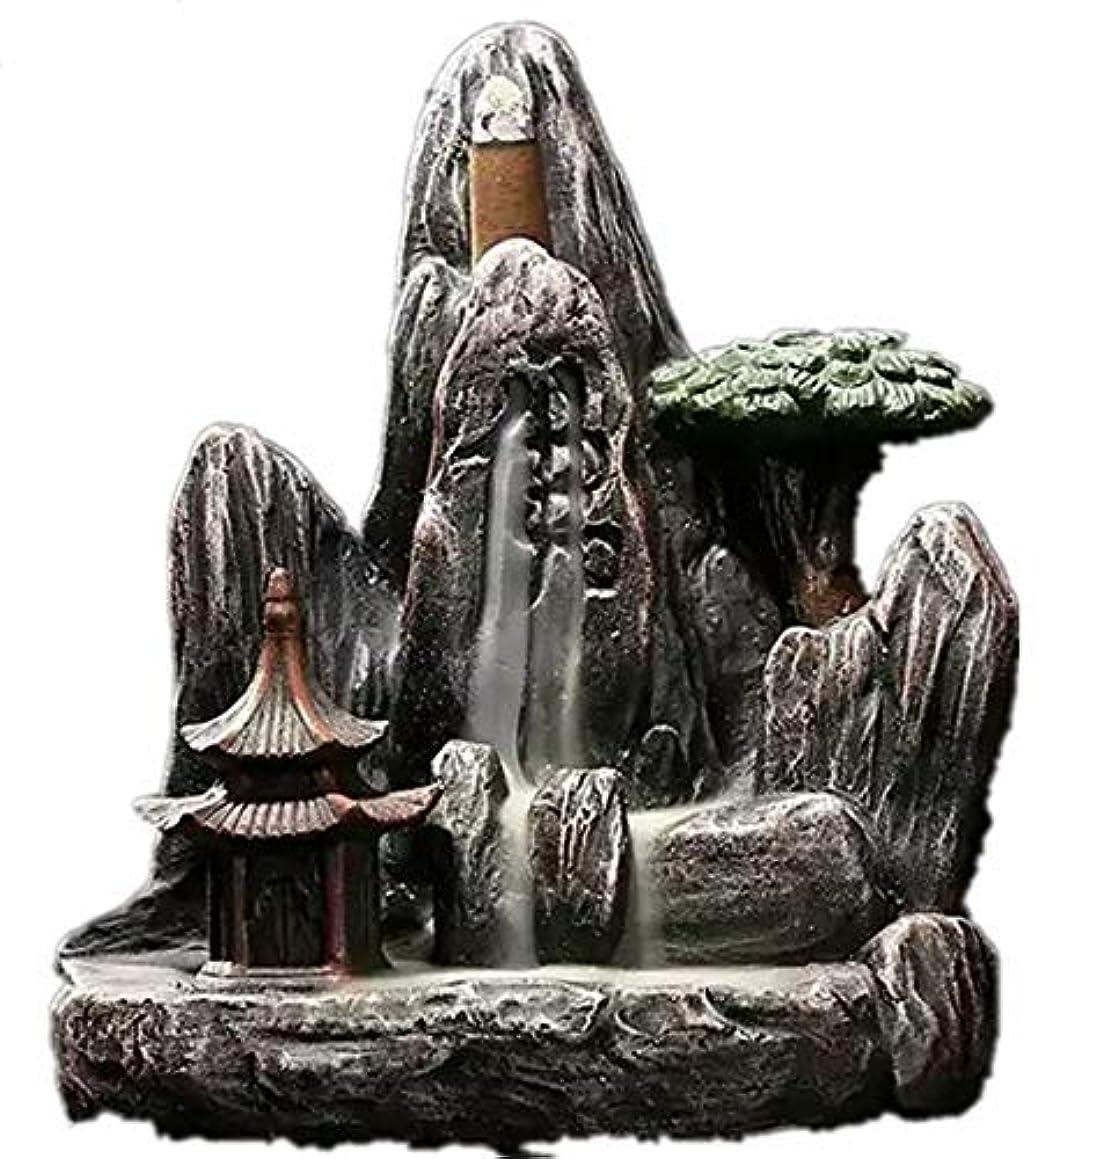 気まぐれなイディオムストロークXPPXPP Backflow Incense Burner, Household Ceramic Returning Cone-shaped Candlestick Burner